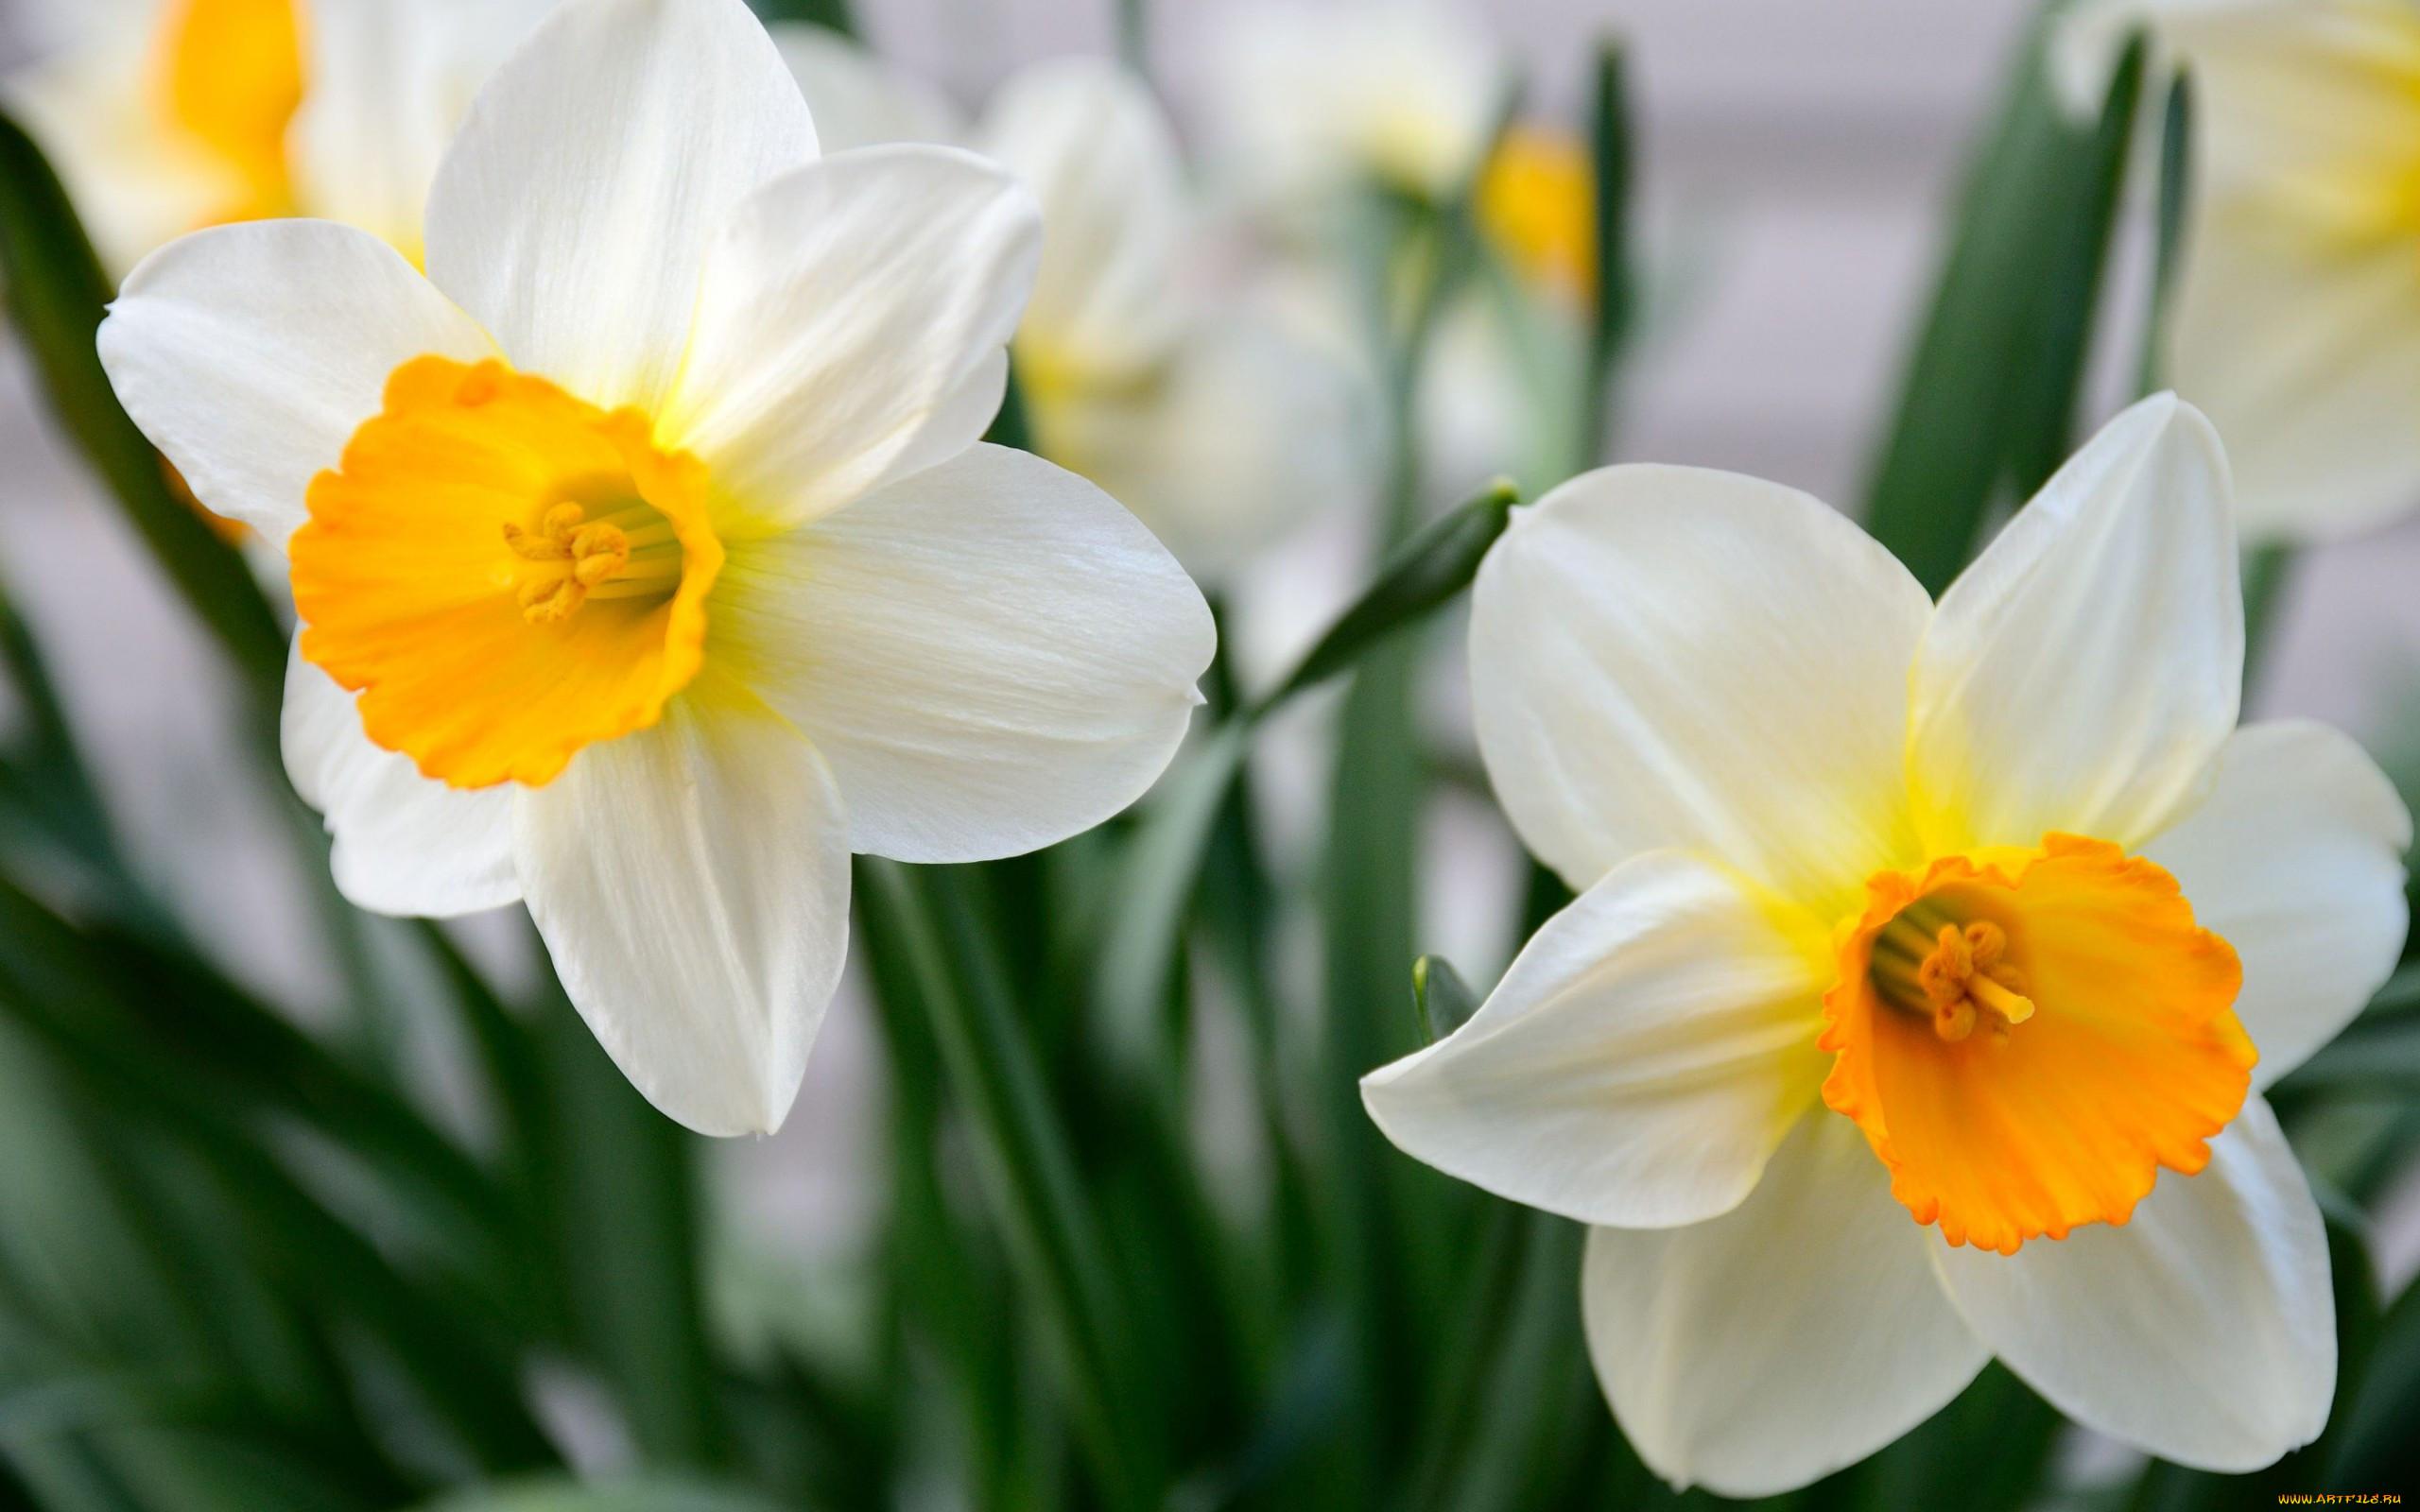 картинки цветы красивые нарциссы клещи относятся